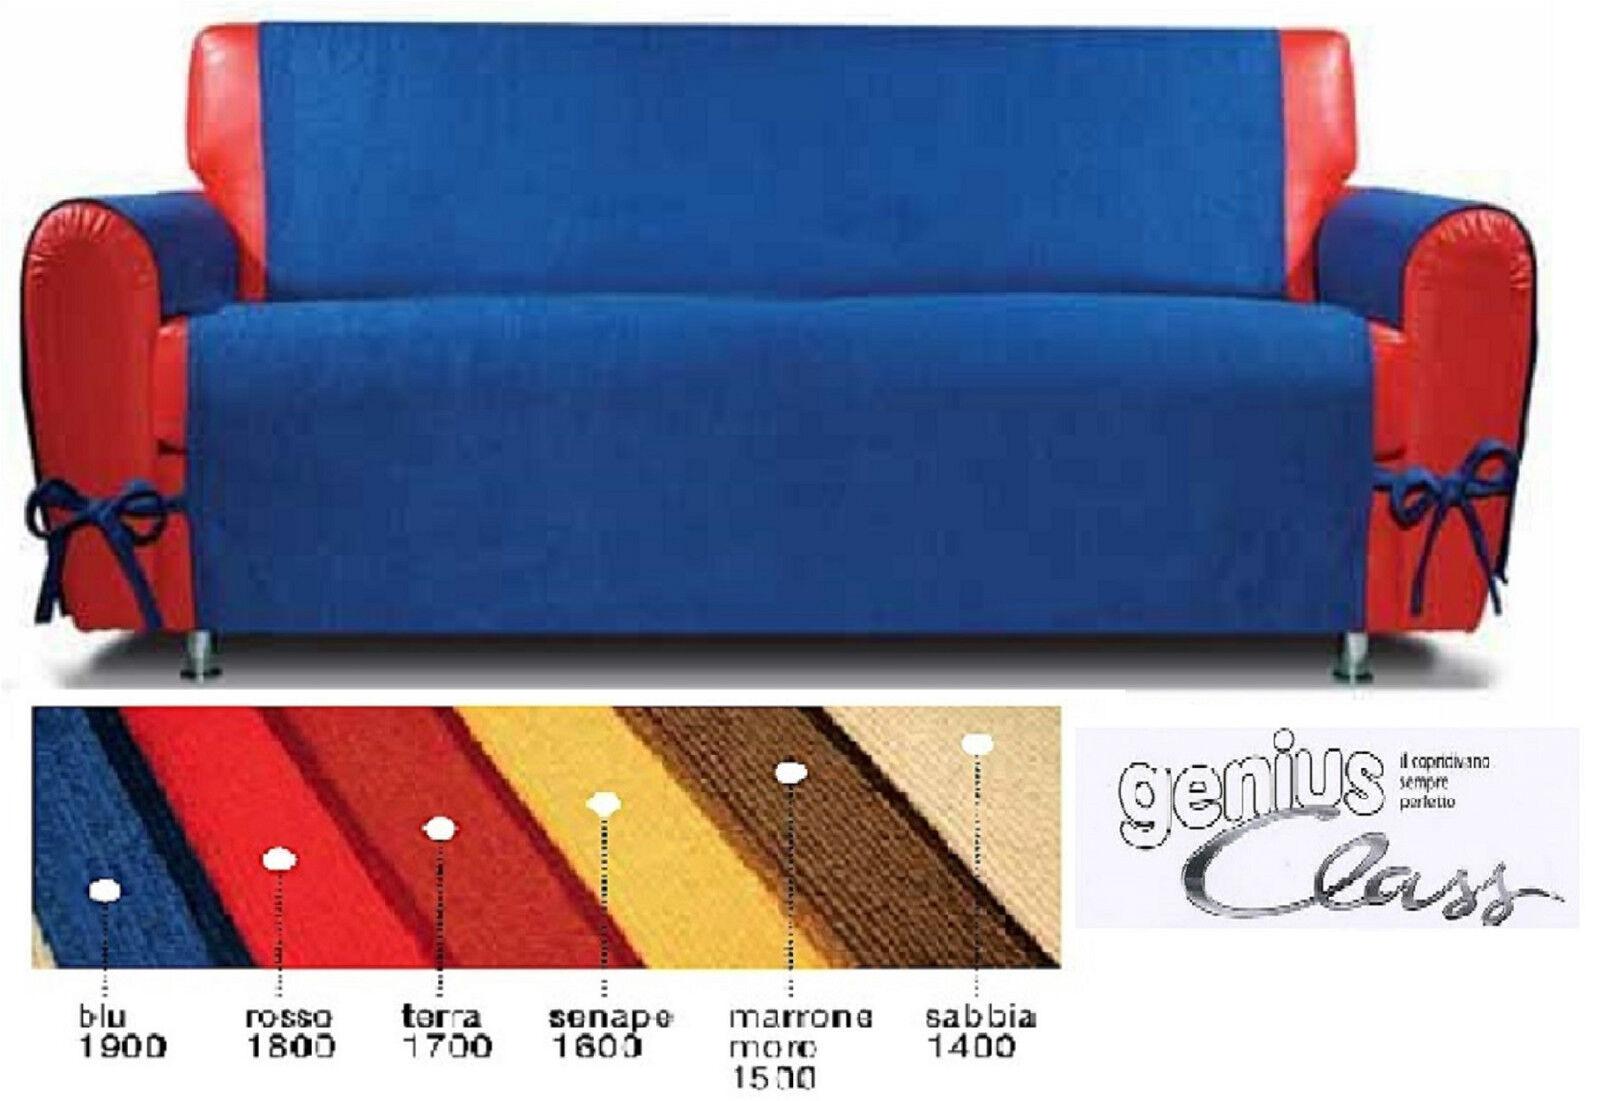 Copridivano con fiocchi genius class clarky biancaluna divani da 2 e 3 posti ebay - Copridivano angolare con cuscini fissi ...